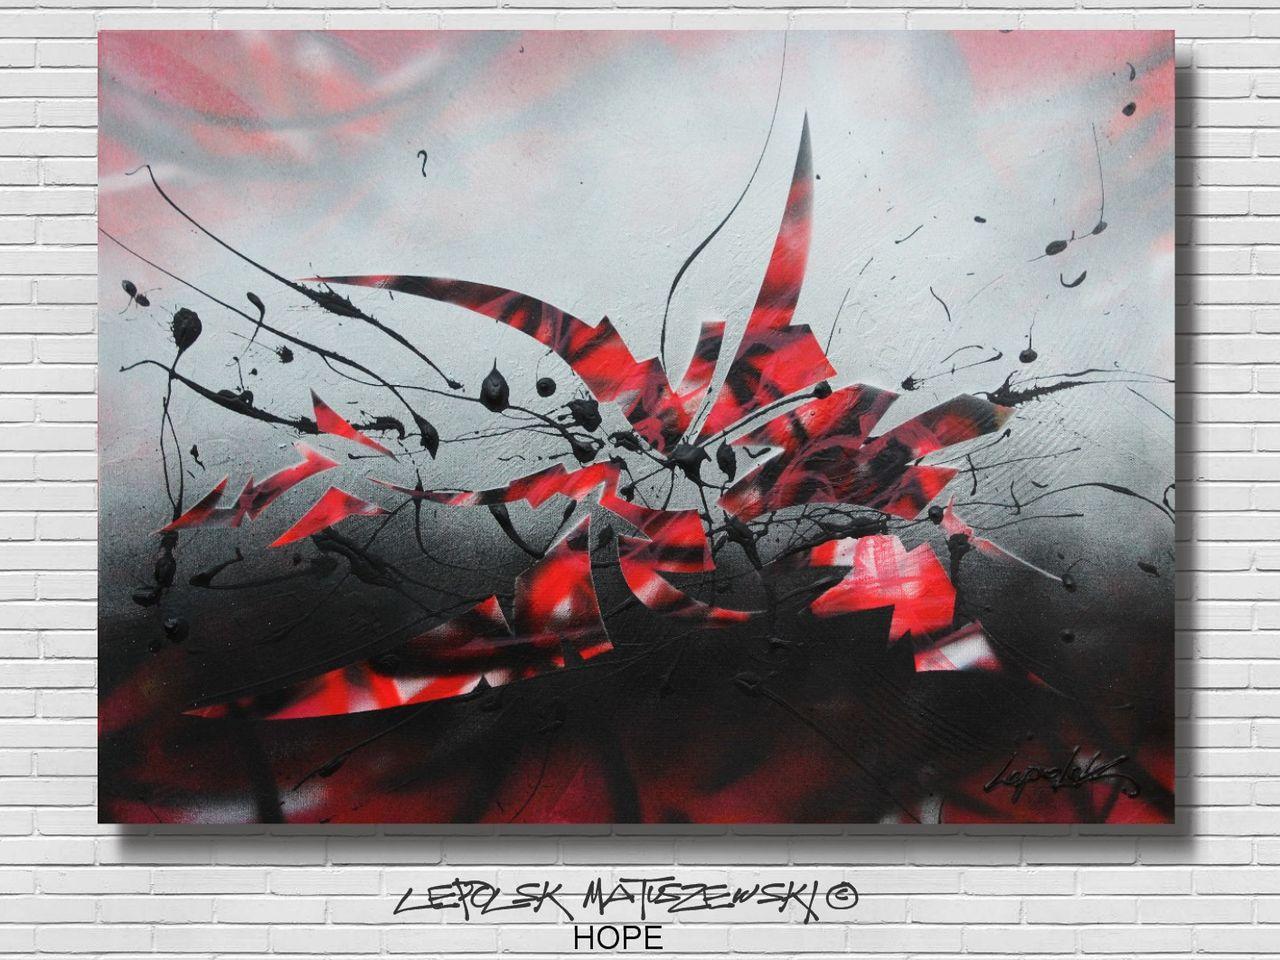 MISTER K  (Lepolsk Matuszewski) HOPE abstract  2017  Lepolsk